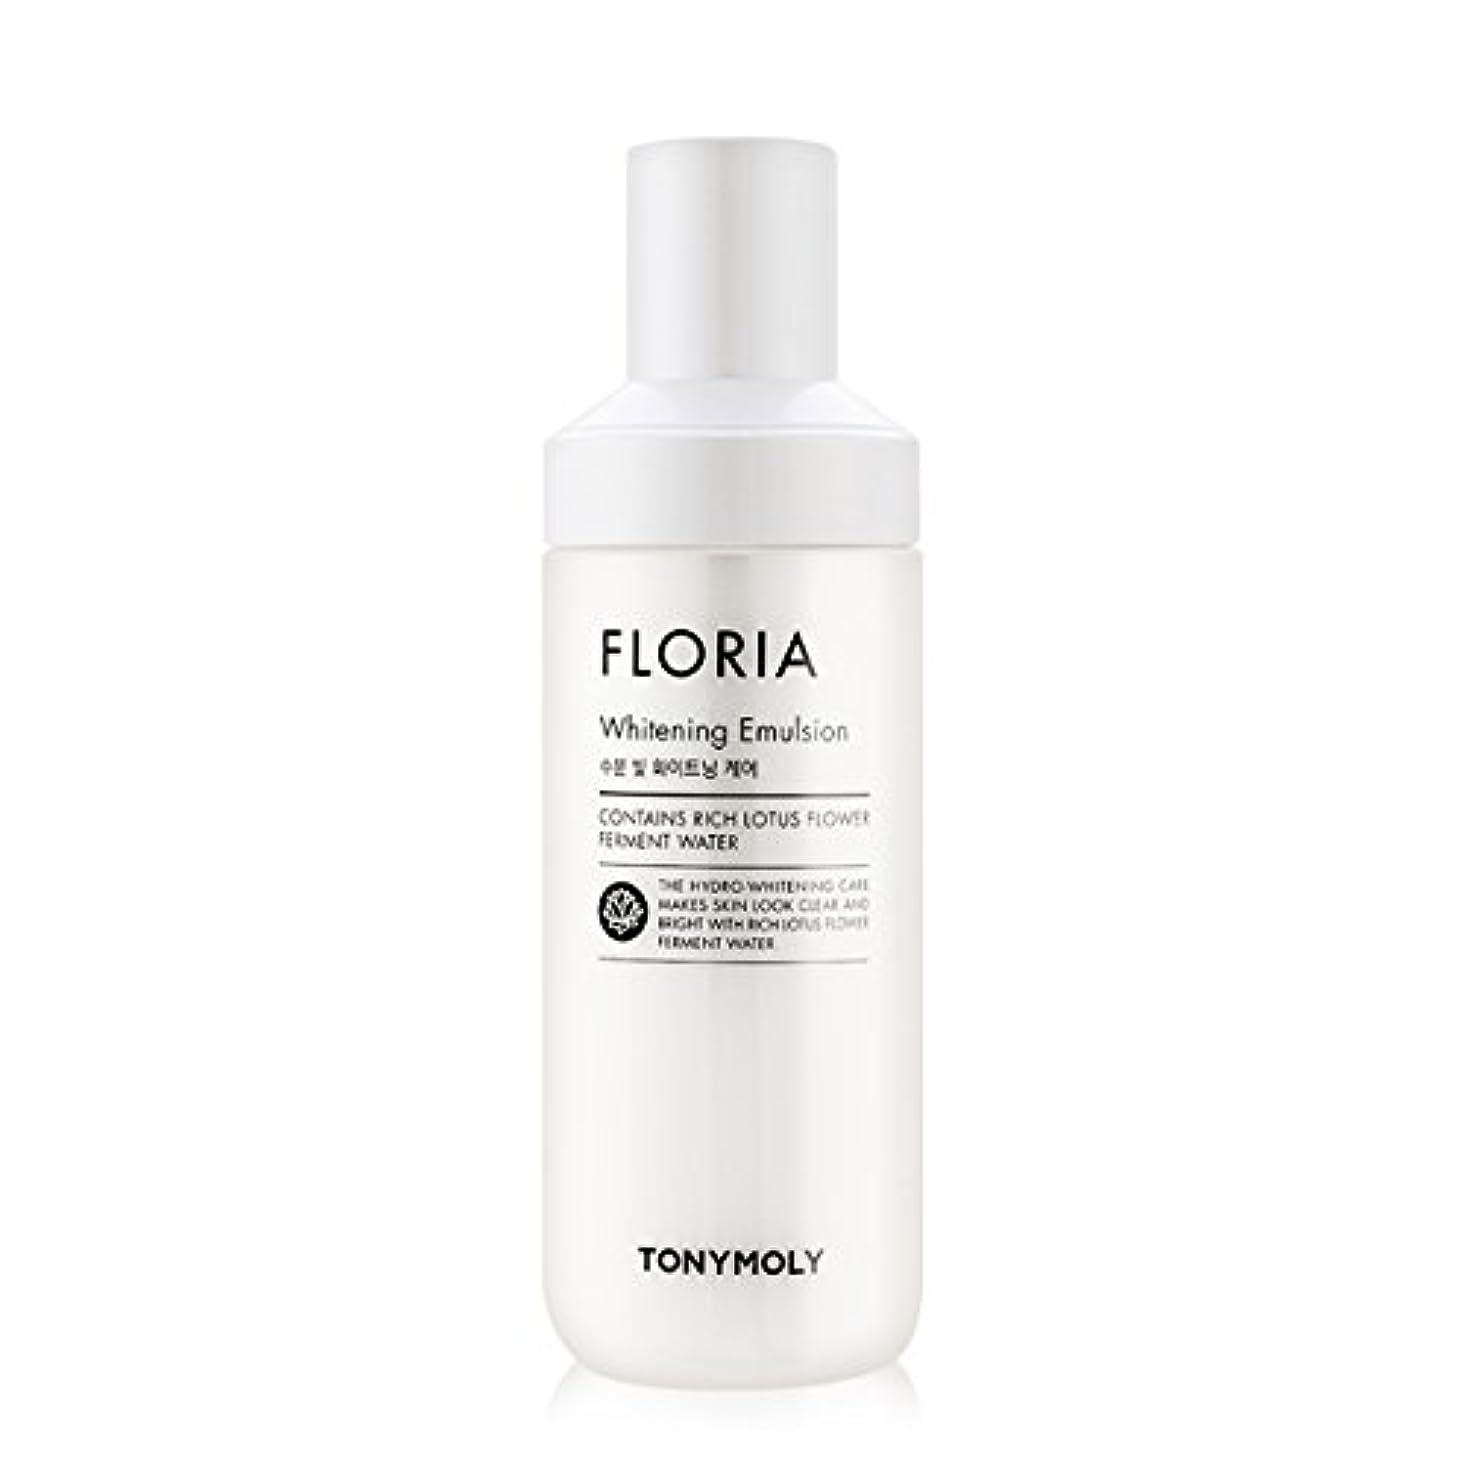 布検閲散髪[2016 New] TONYMOLY Floria Whitening Emulsion 160ml/トニーモリー フロリア ホワイトニング エマルジョン 160ml [並行輸入品]